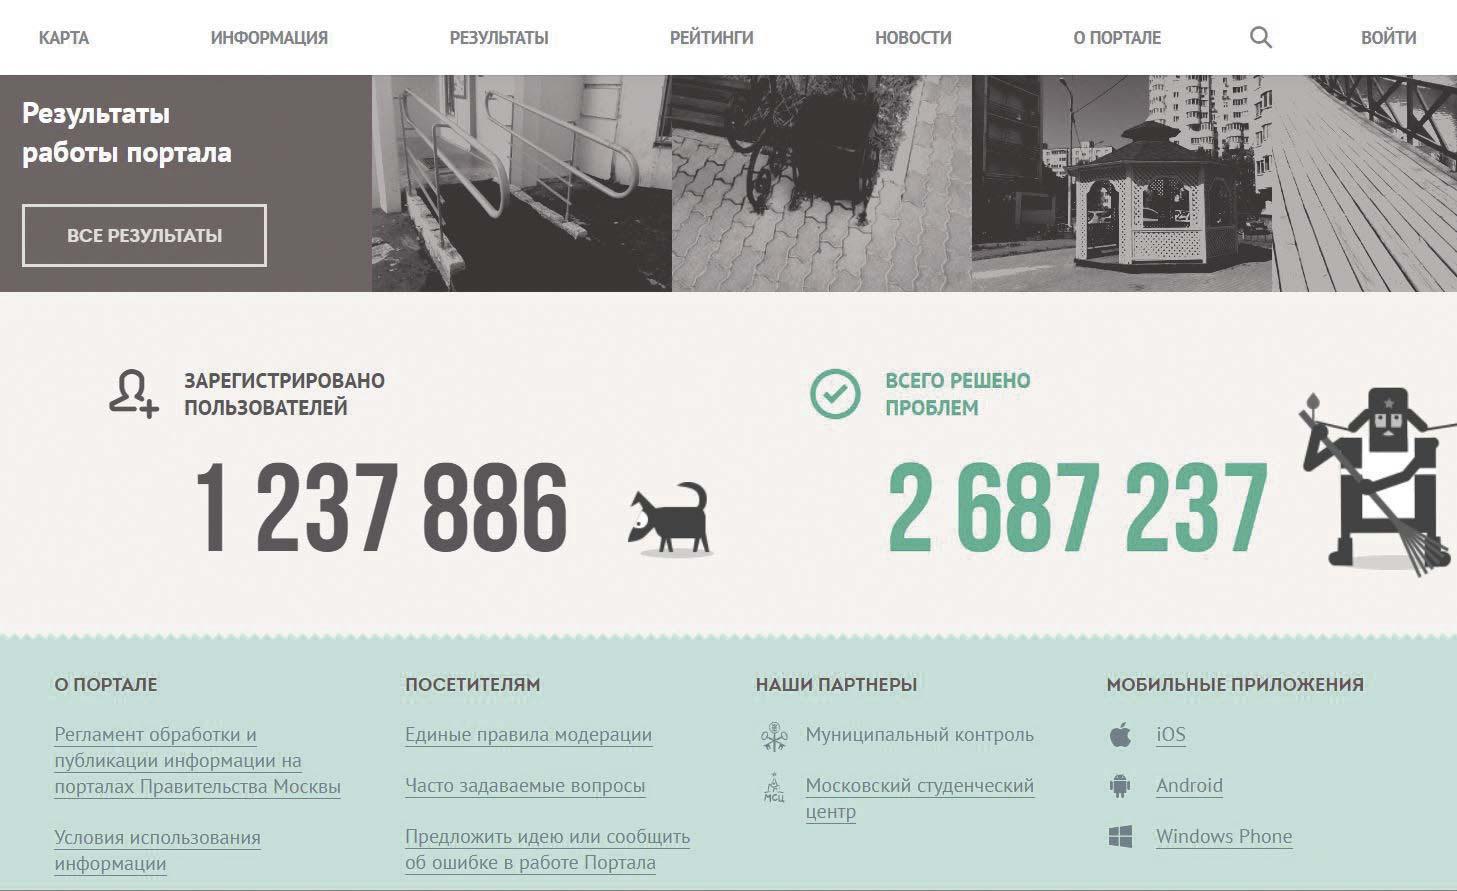 Раздел «Мэр, у меня есть идея» — возможность предложить свою идею по улучшению работы городских служб Москвы